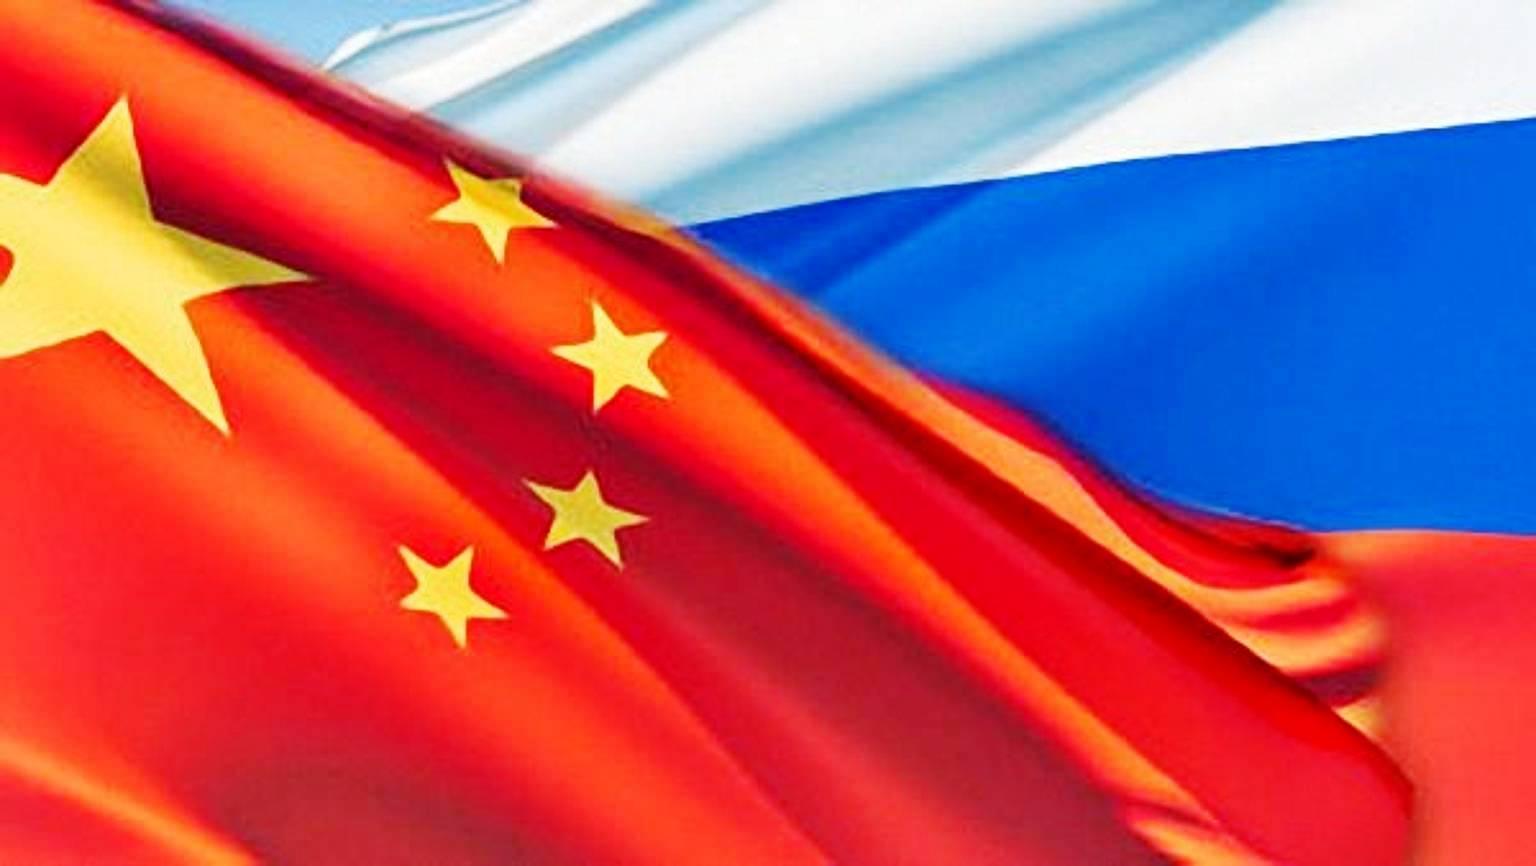 Флаги Китая и РФ